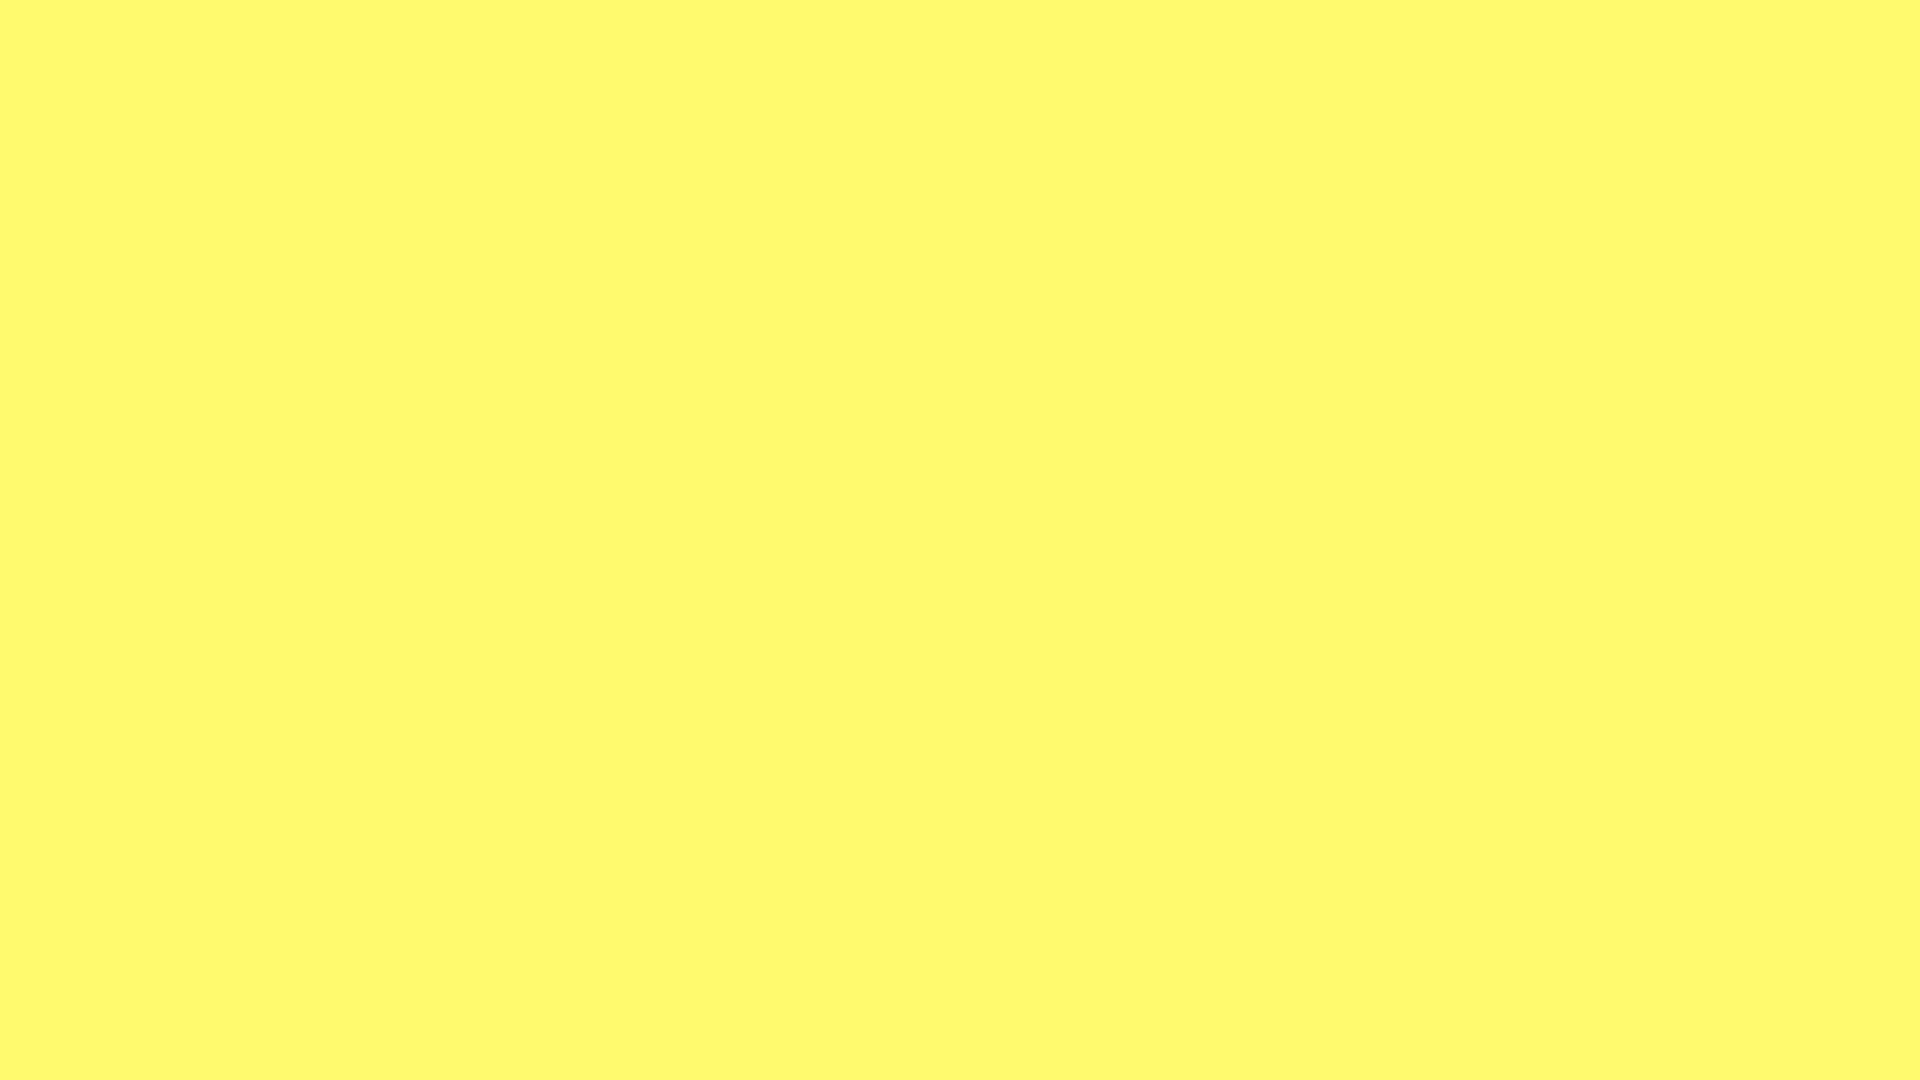 yello color